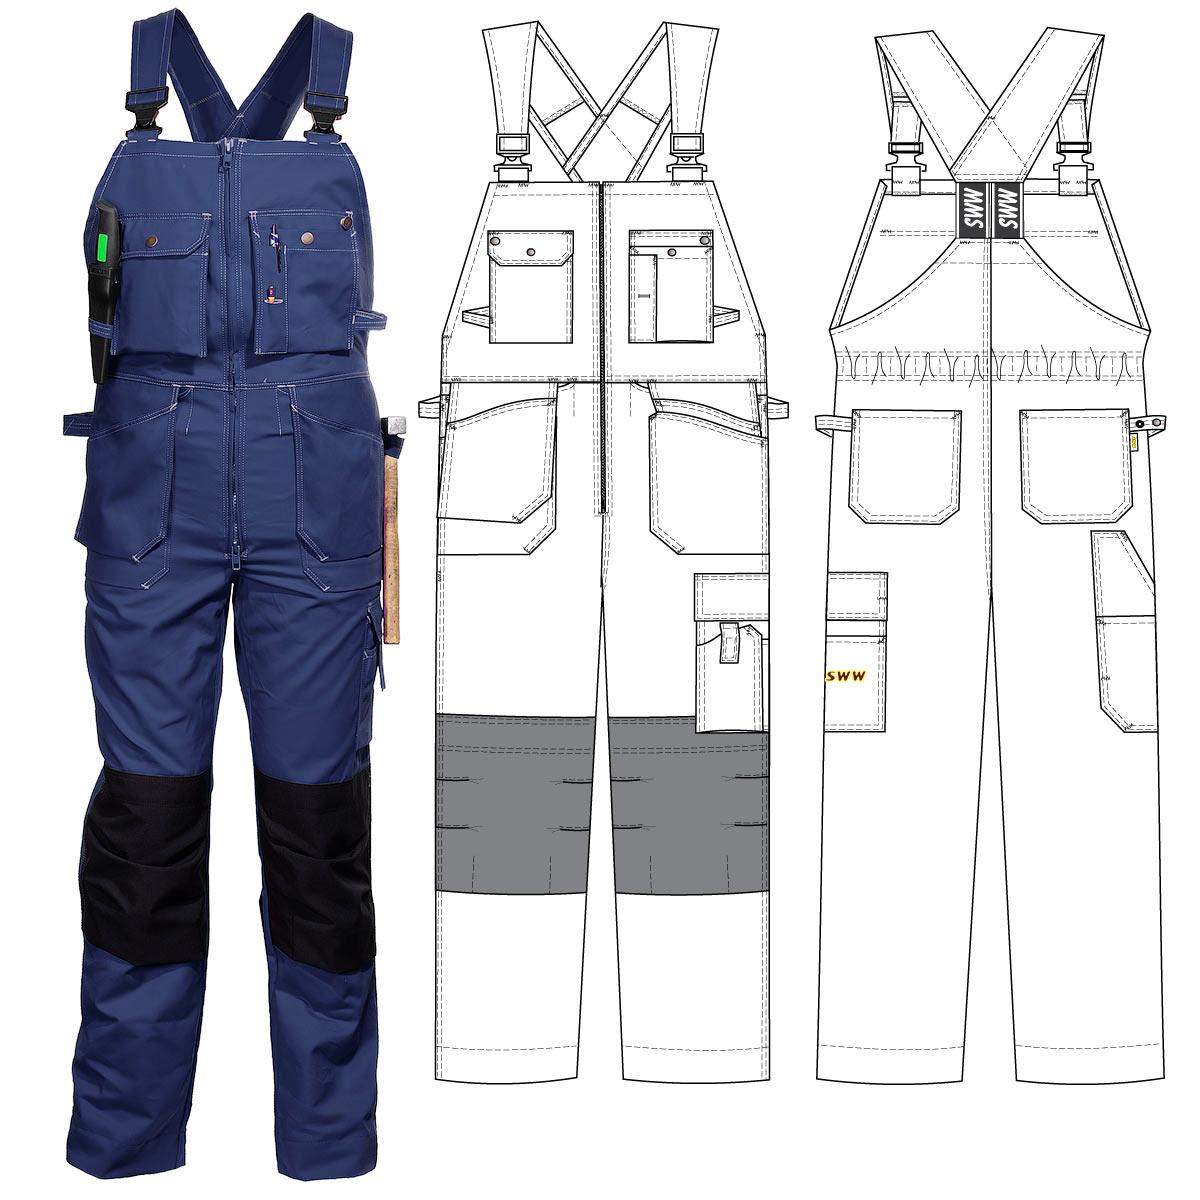 Полукомбинезон рабочий летний тёмно-синий 51-2-P154-14 из смесовой ткани с наколенниками и 12 карманами в интернет-магазине sww.com.ru